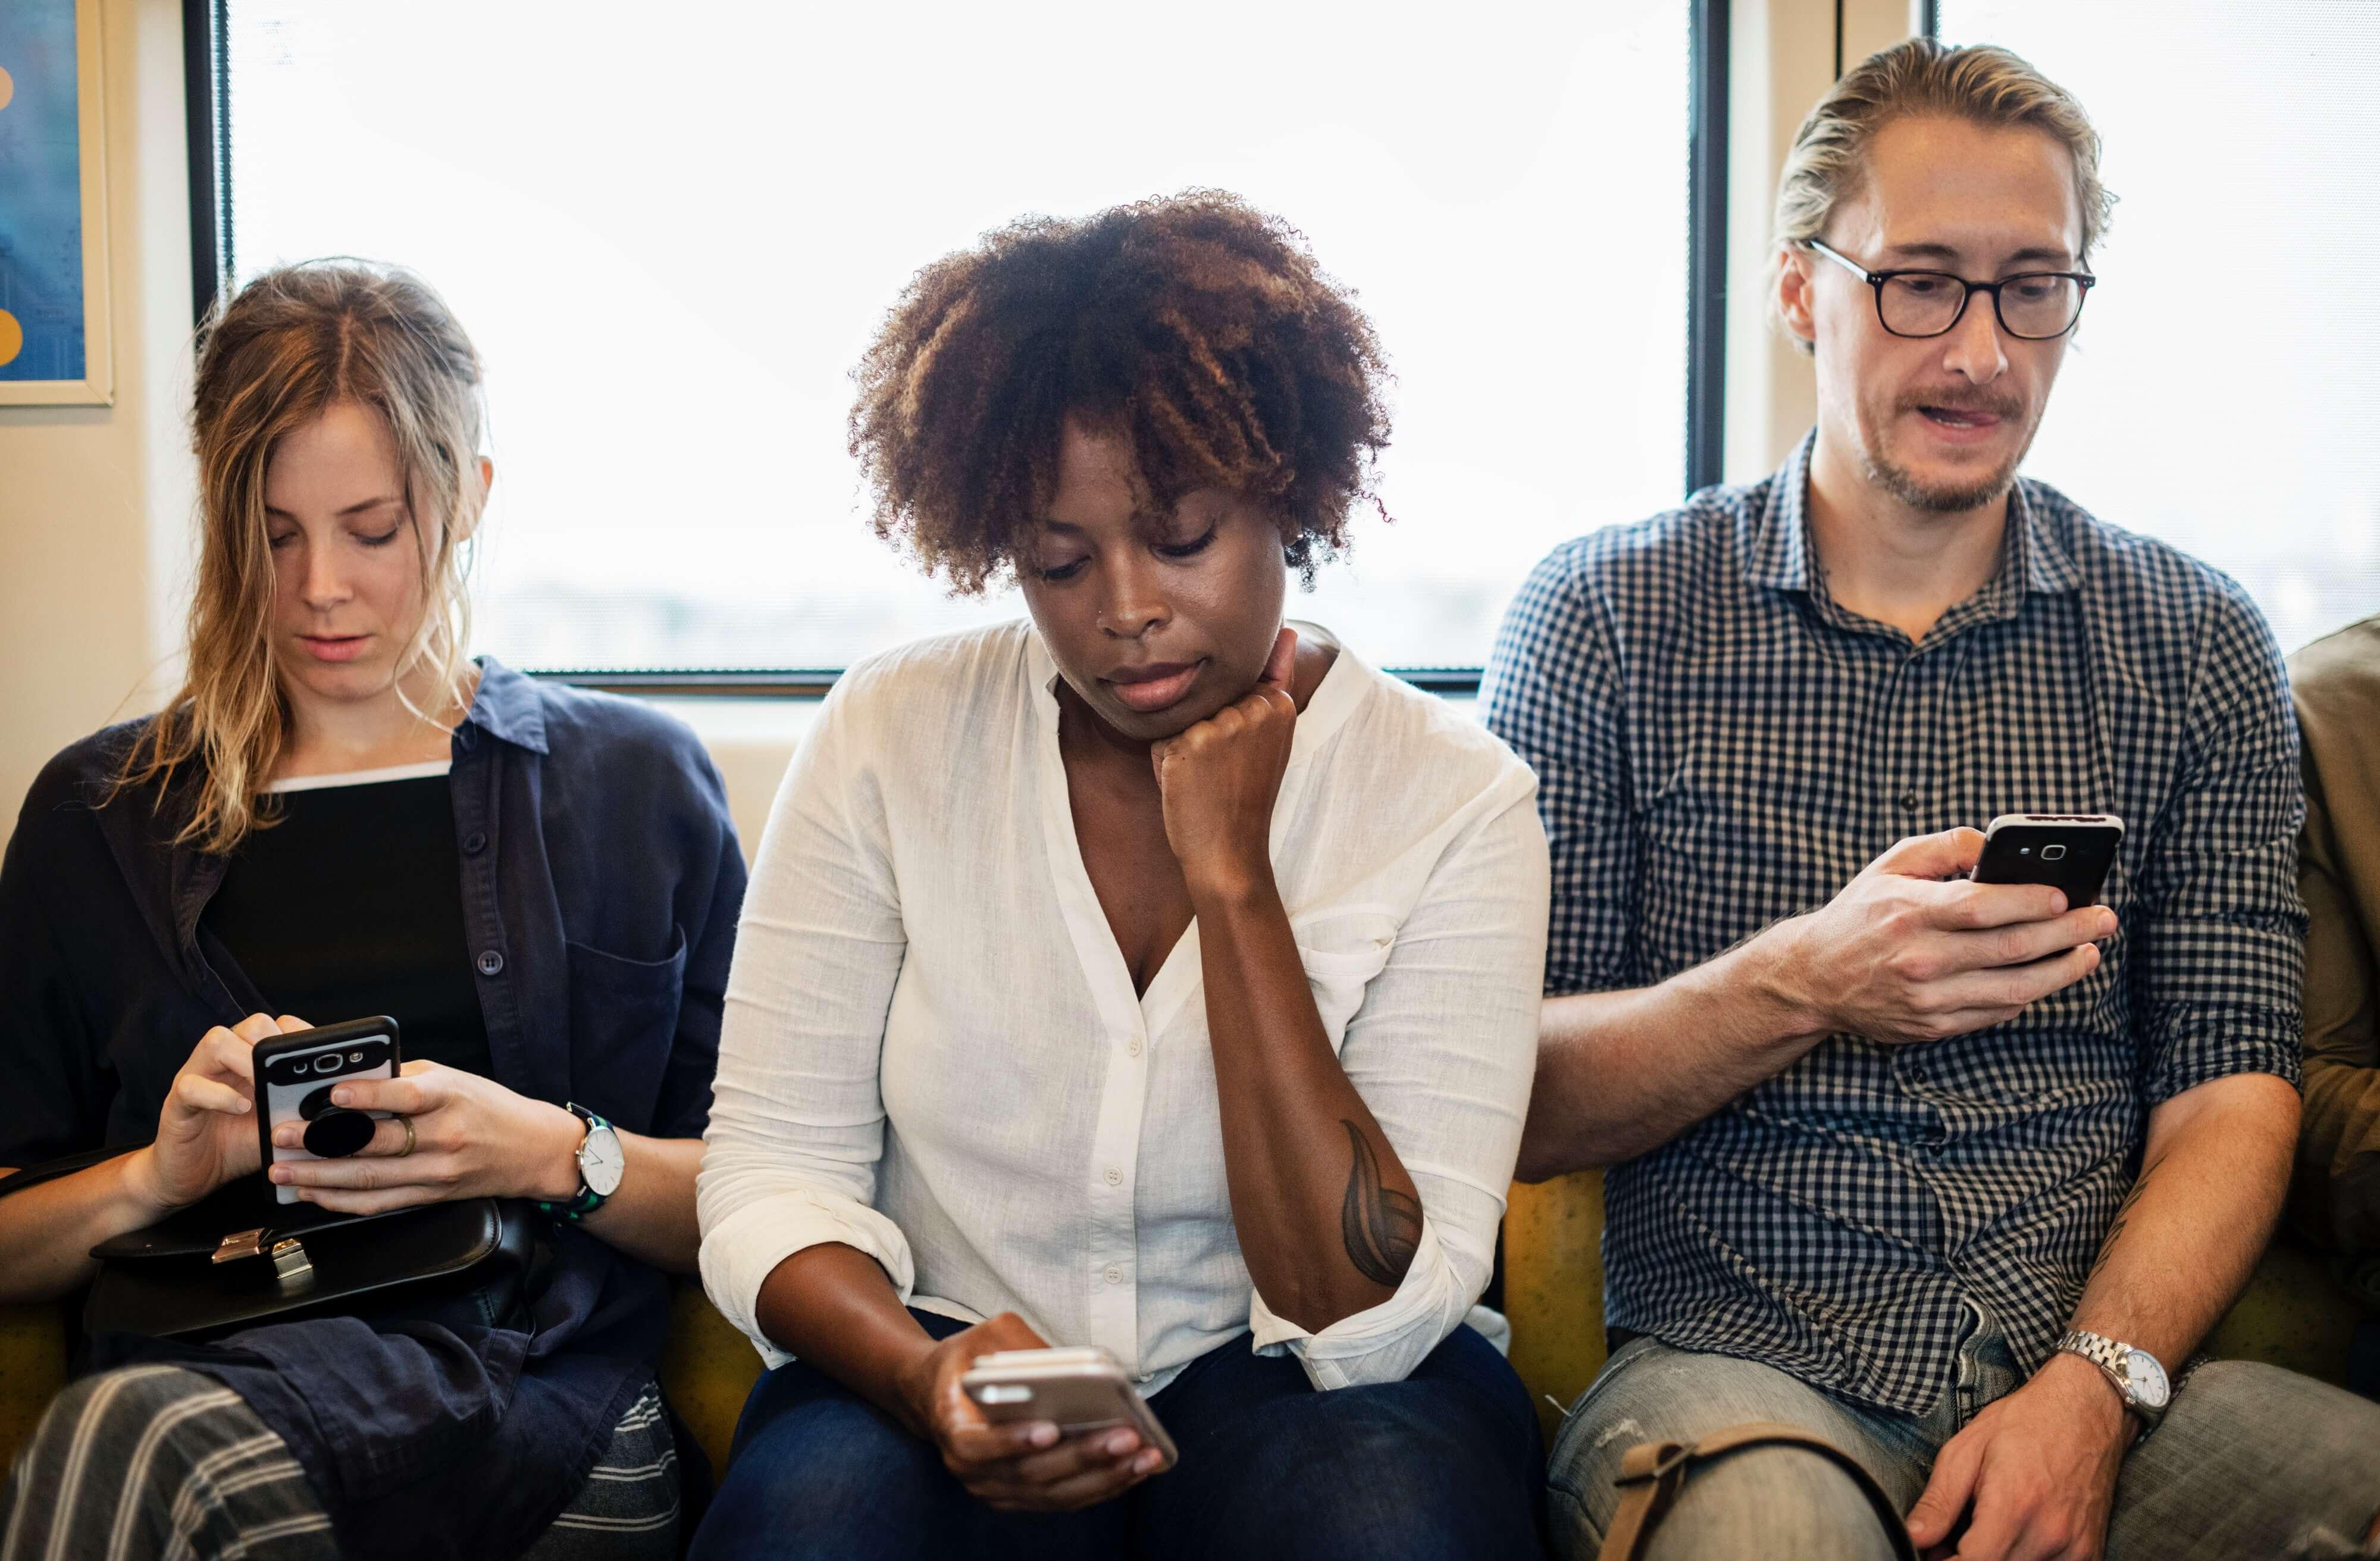 Customer Success: duas mulheres e um homem concentrados em seus smartphones